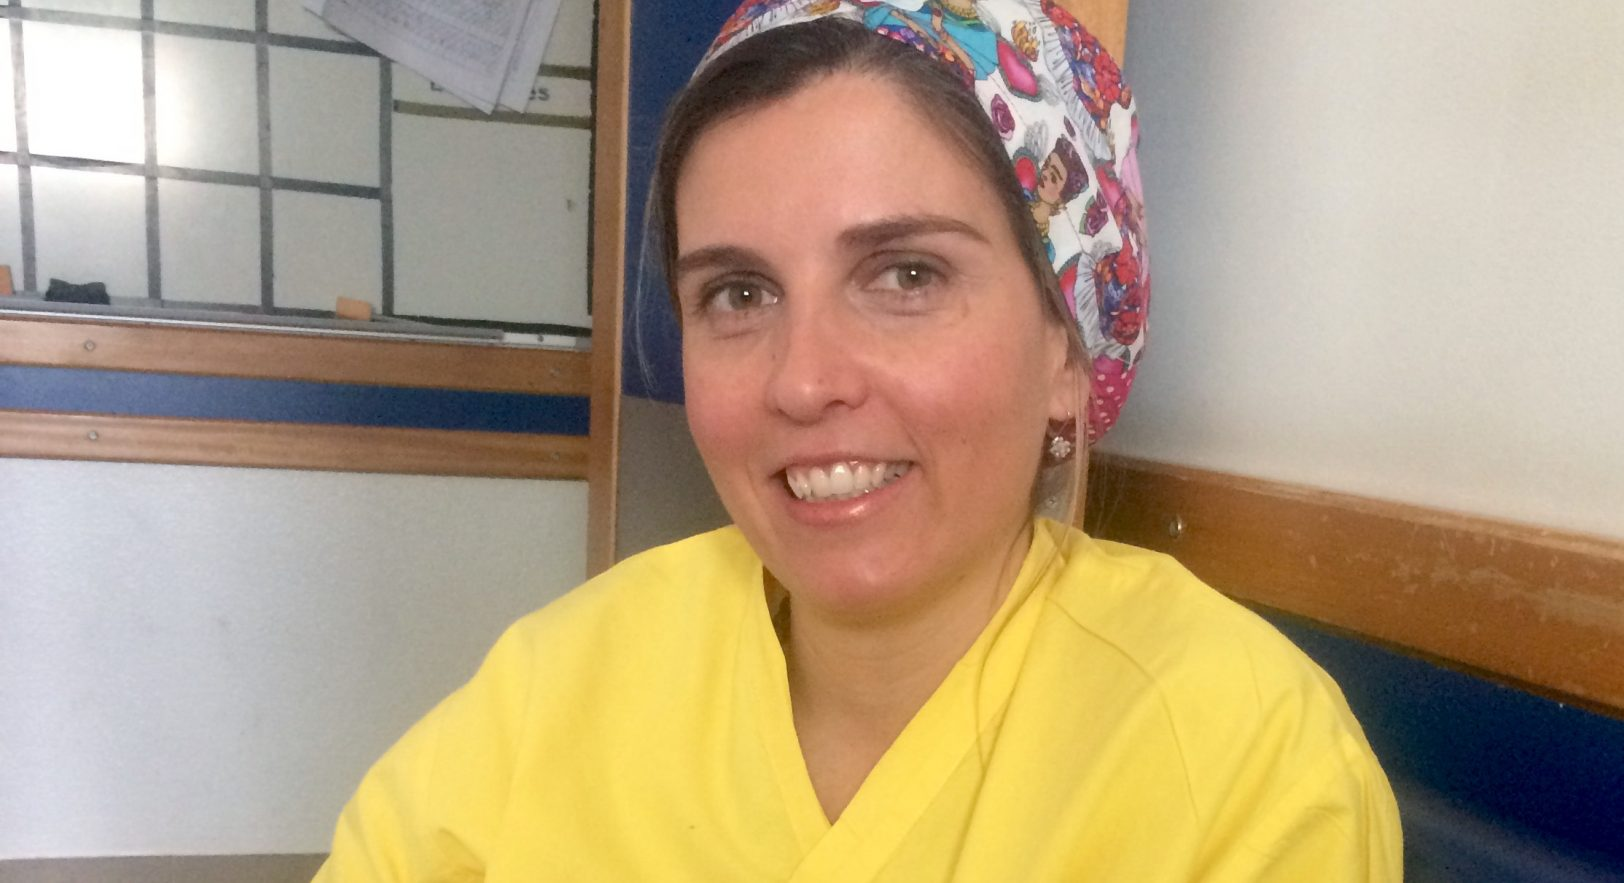 Entrevista com Celeste Varela